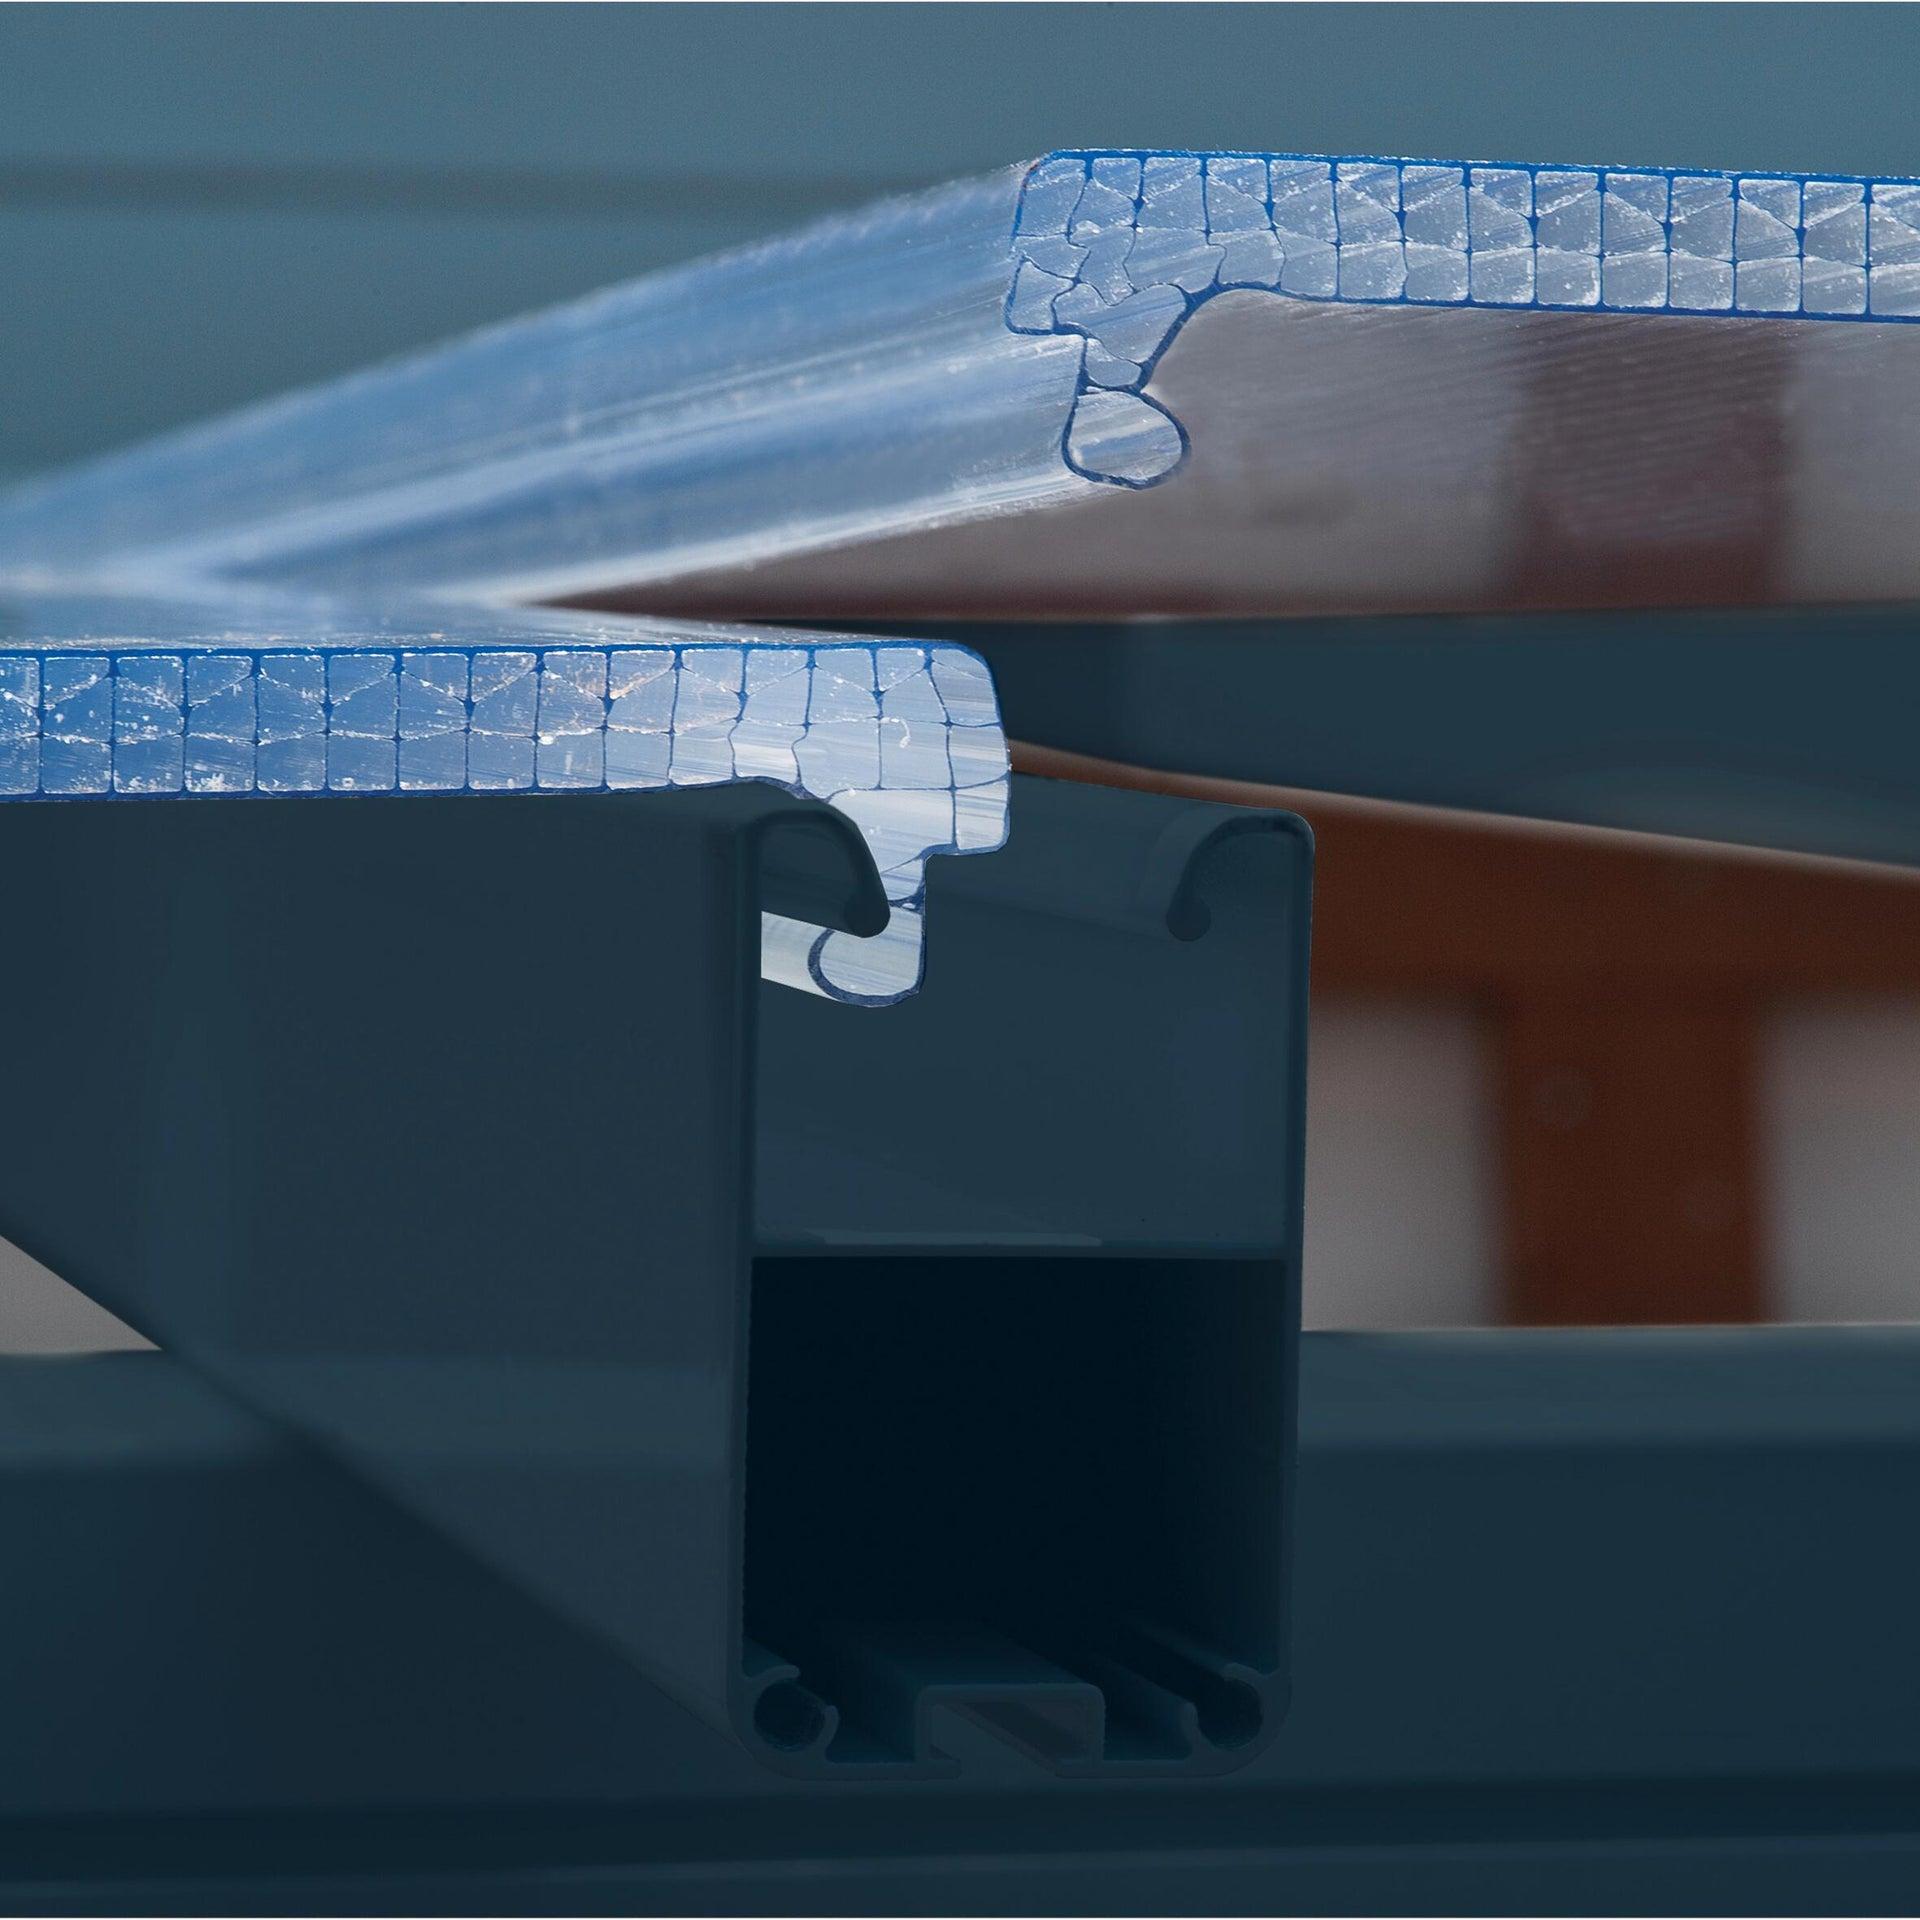 Pergola alluminio Emilia trasparente L 305 cm x P 300 cm, H 3 m - 6